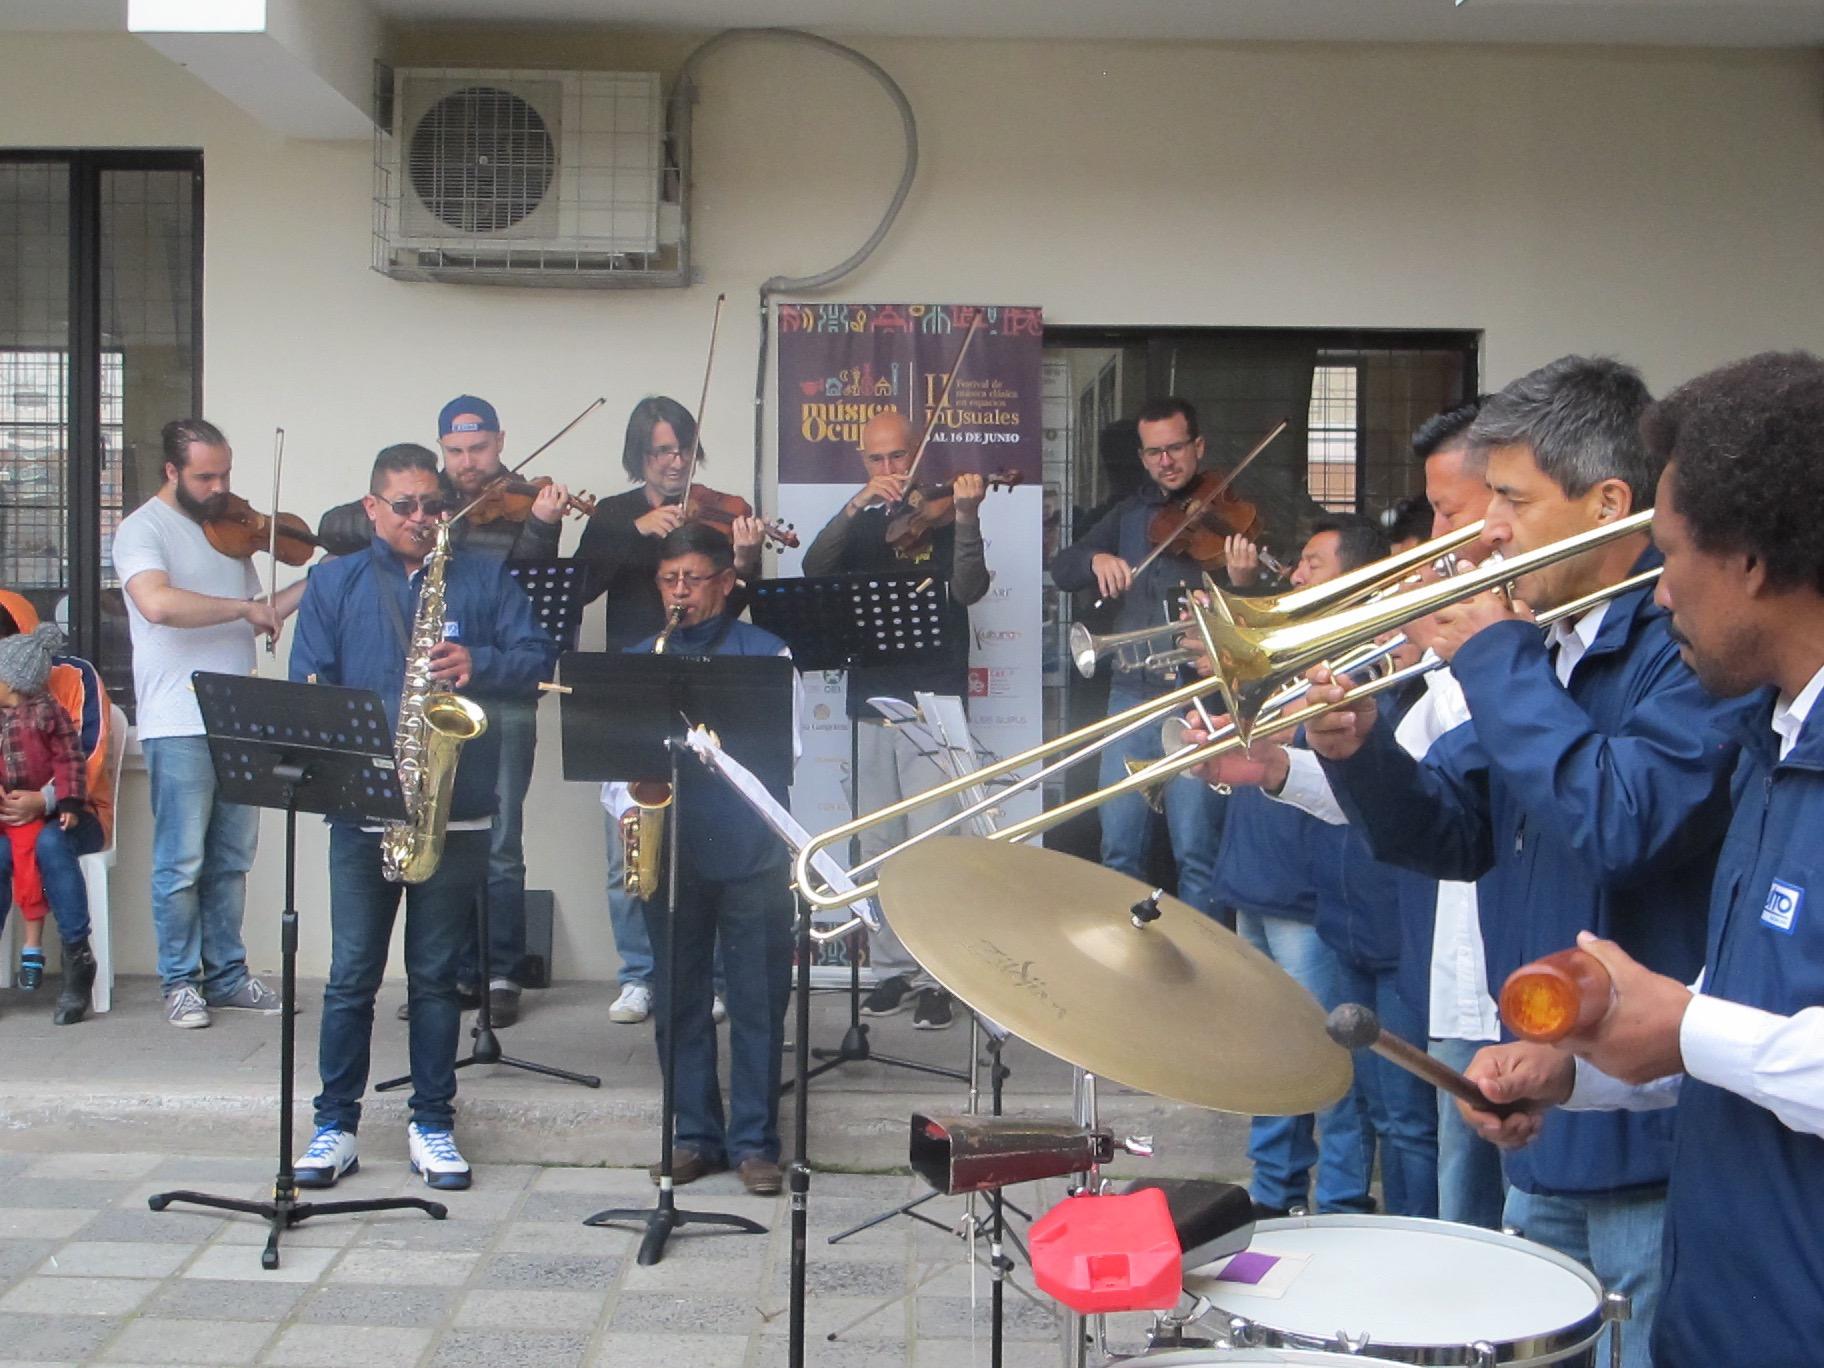 Concierto Casa Comunal Calacalí - Junto a Casa de las Bandas. Calacalí, Ecuador. Junio 2018.